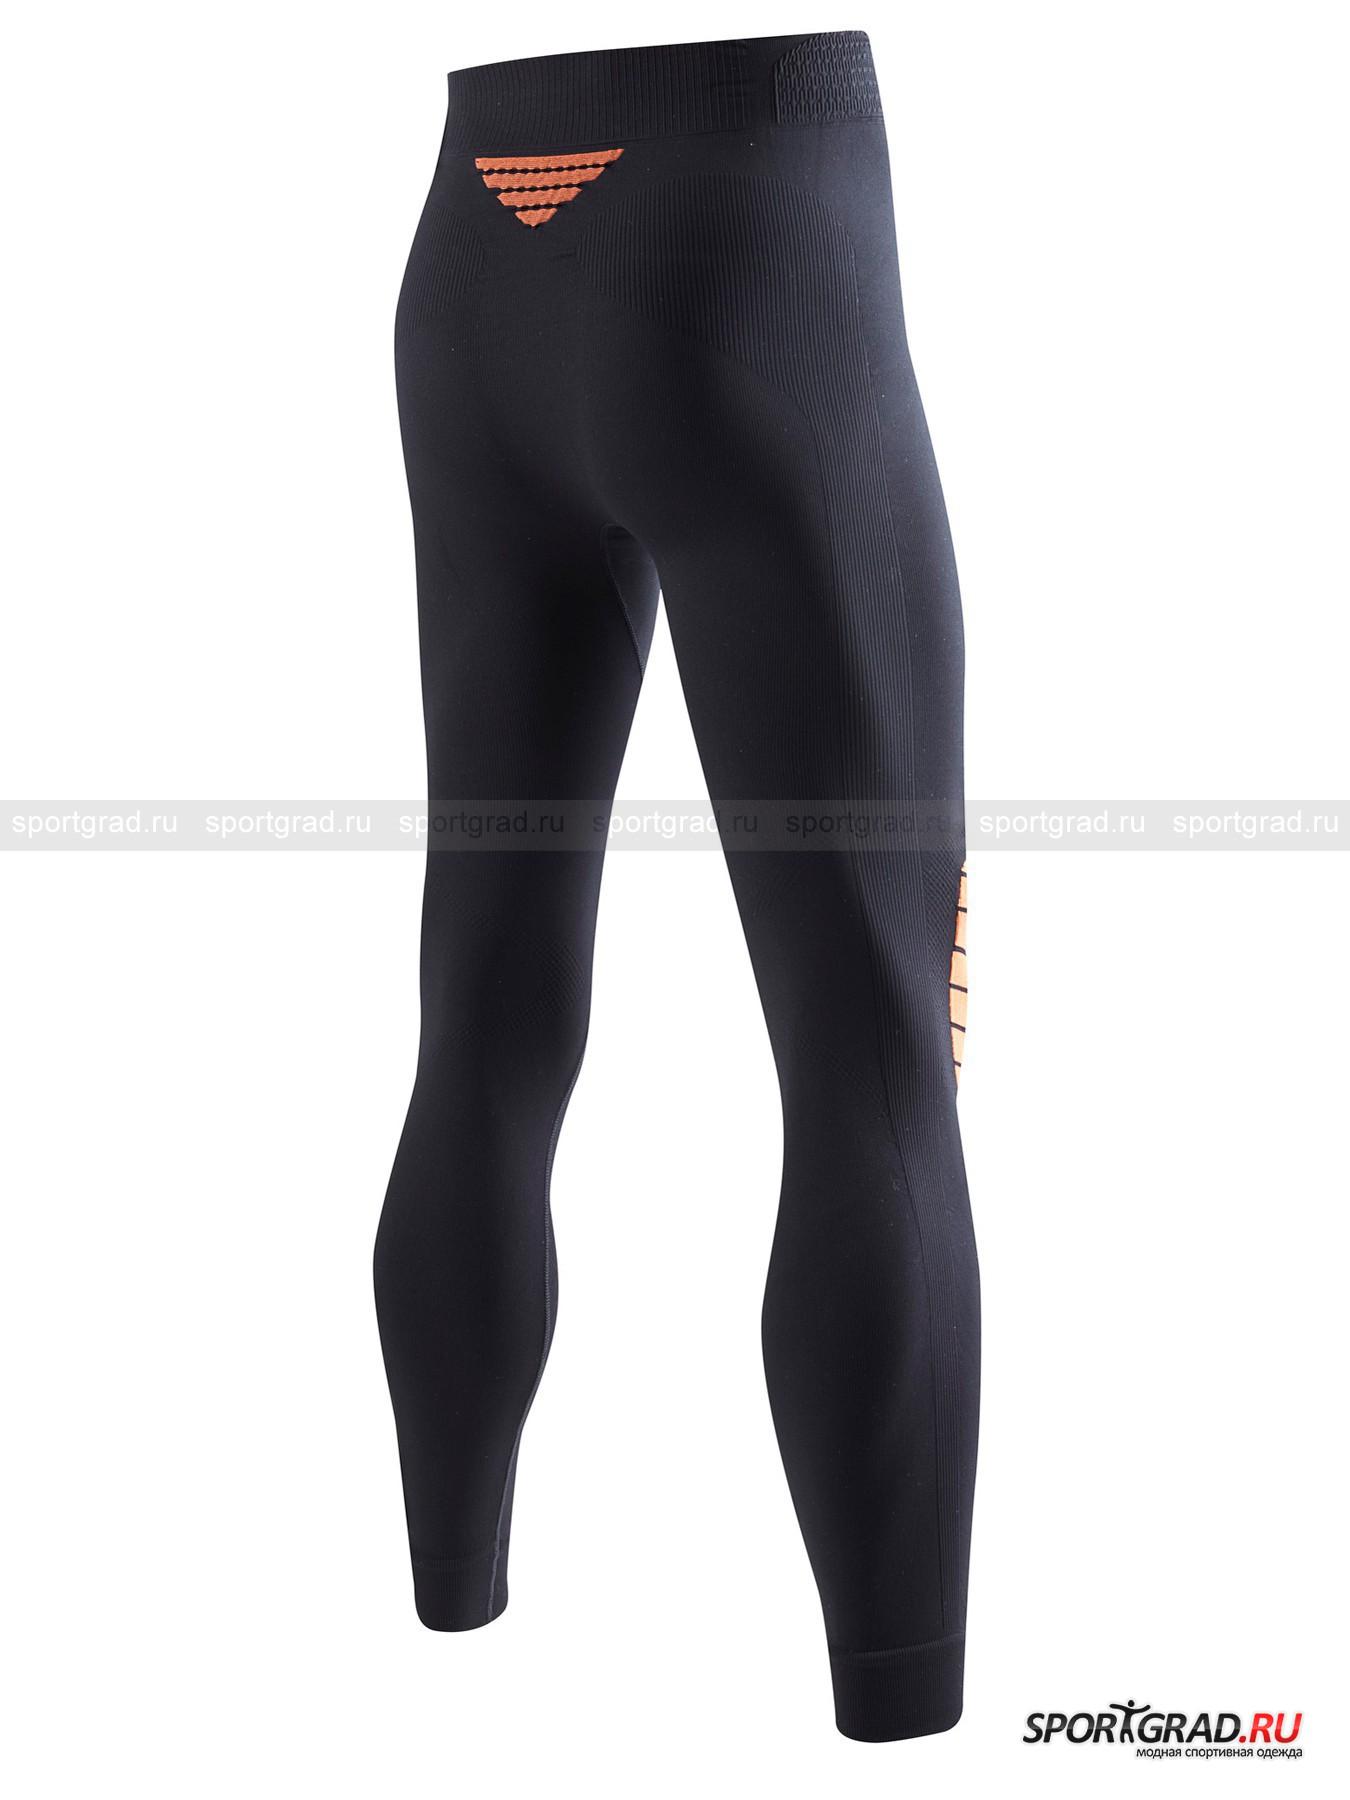 Белье: термокальсоны мужские Pants Long Energ X-BIONIC для занятий спортом от Спортград